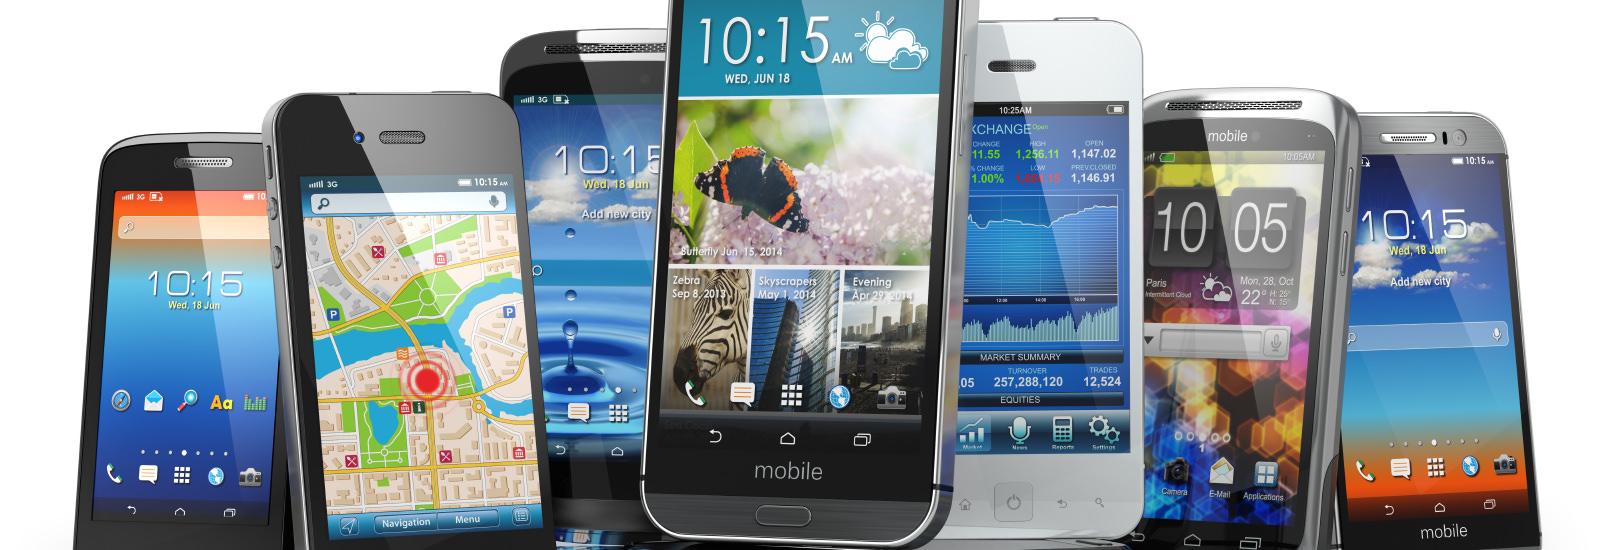 Iphone データ 移行 から アンドロイド へ